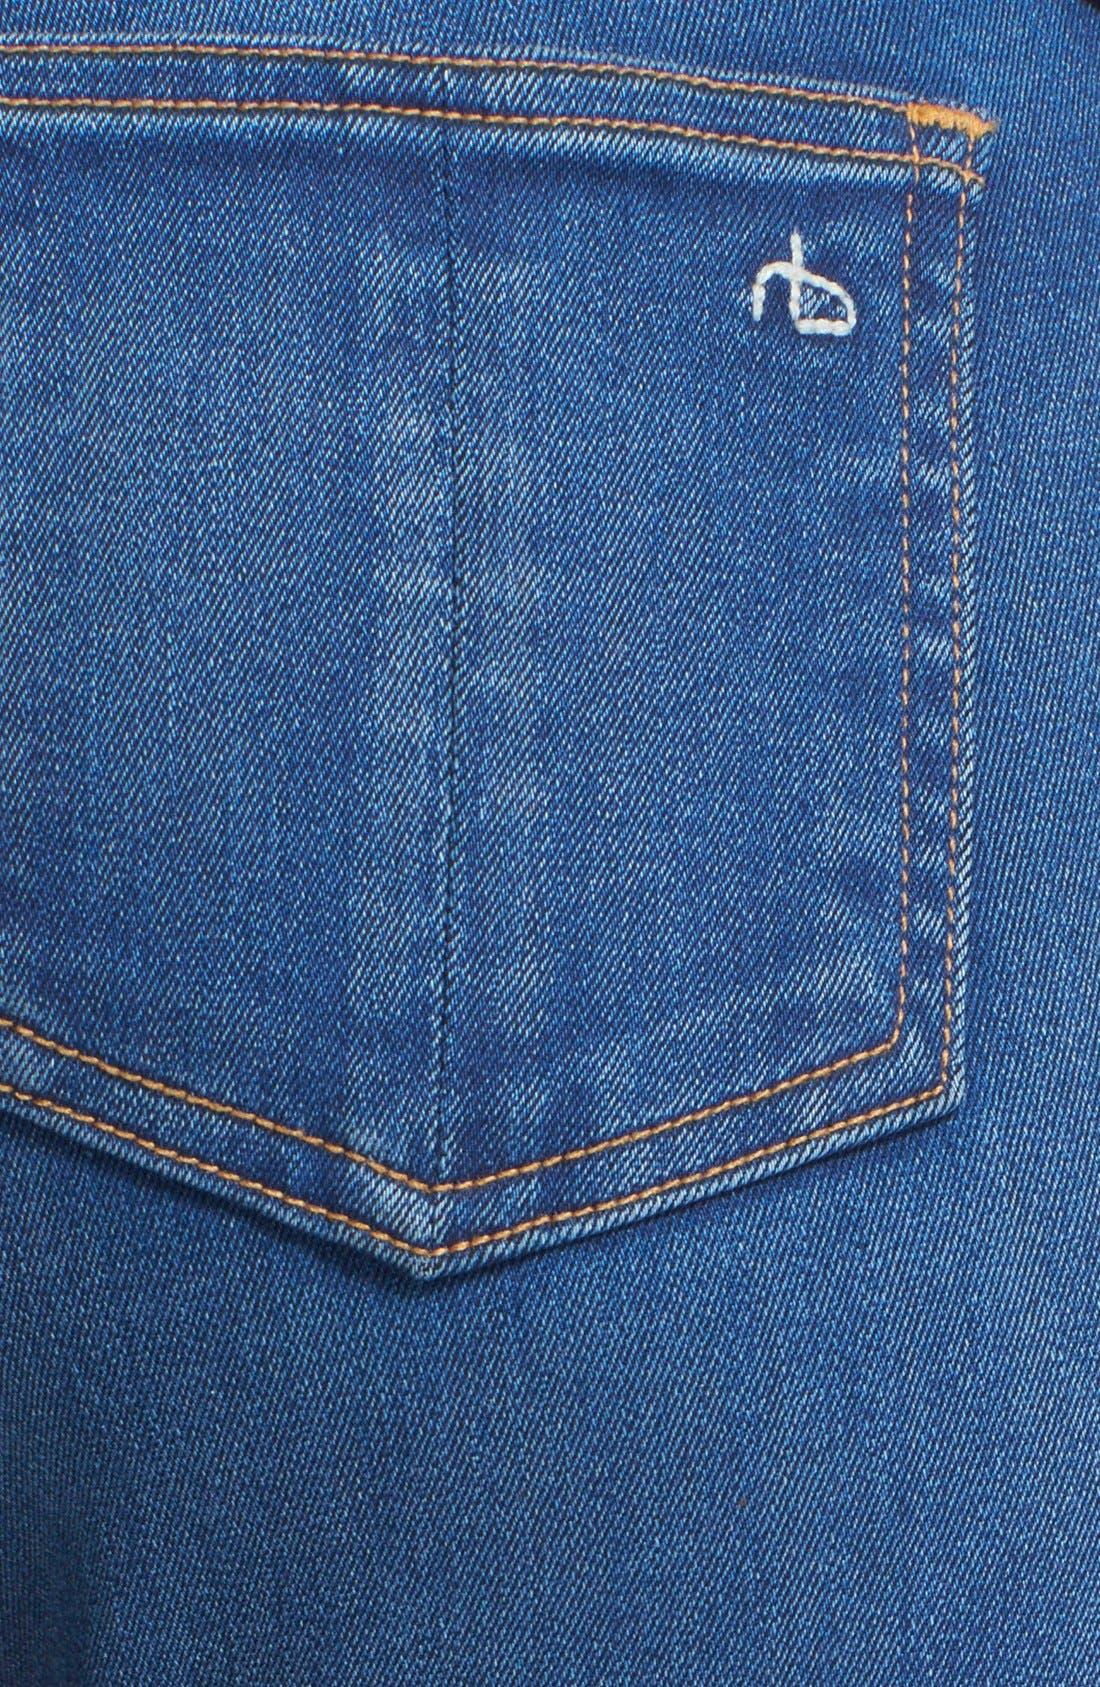 Alternate Image 5  - rag & bone/JEAN Bell Bottom Jeans (Houston)